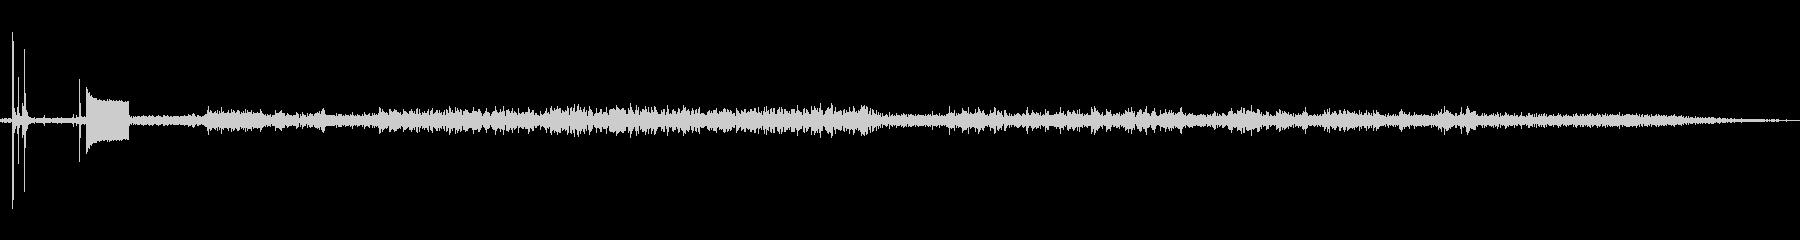 Apple Se20のビープ音を鳴...の未再生の波形